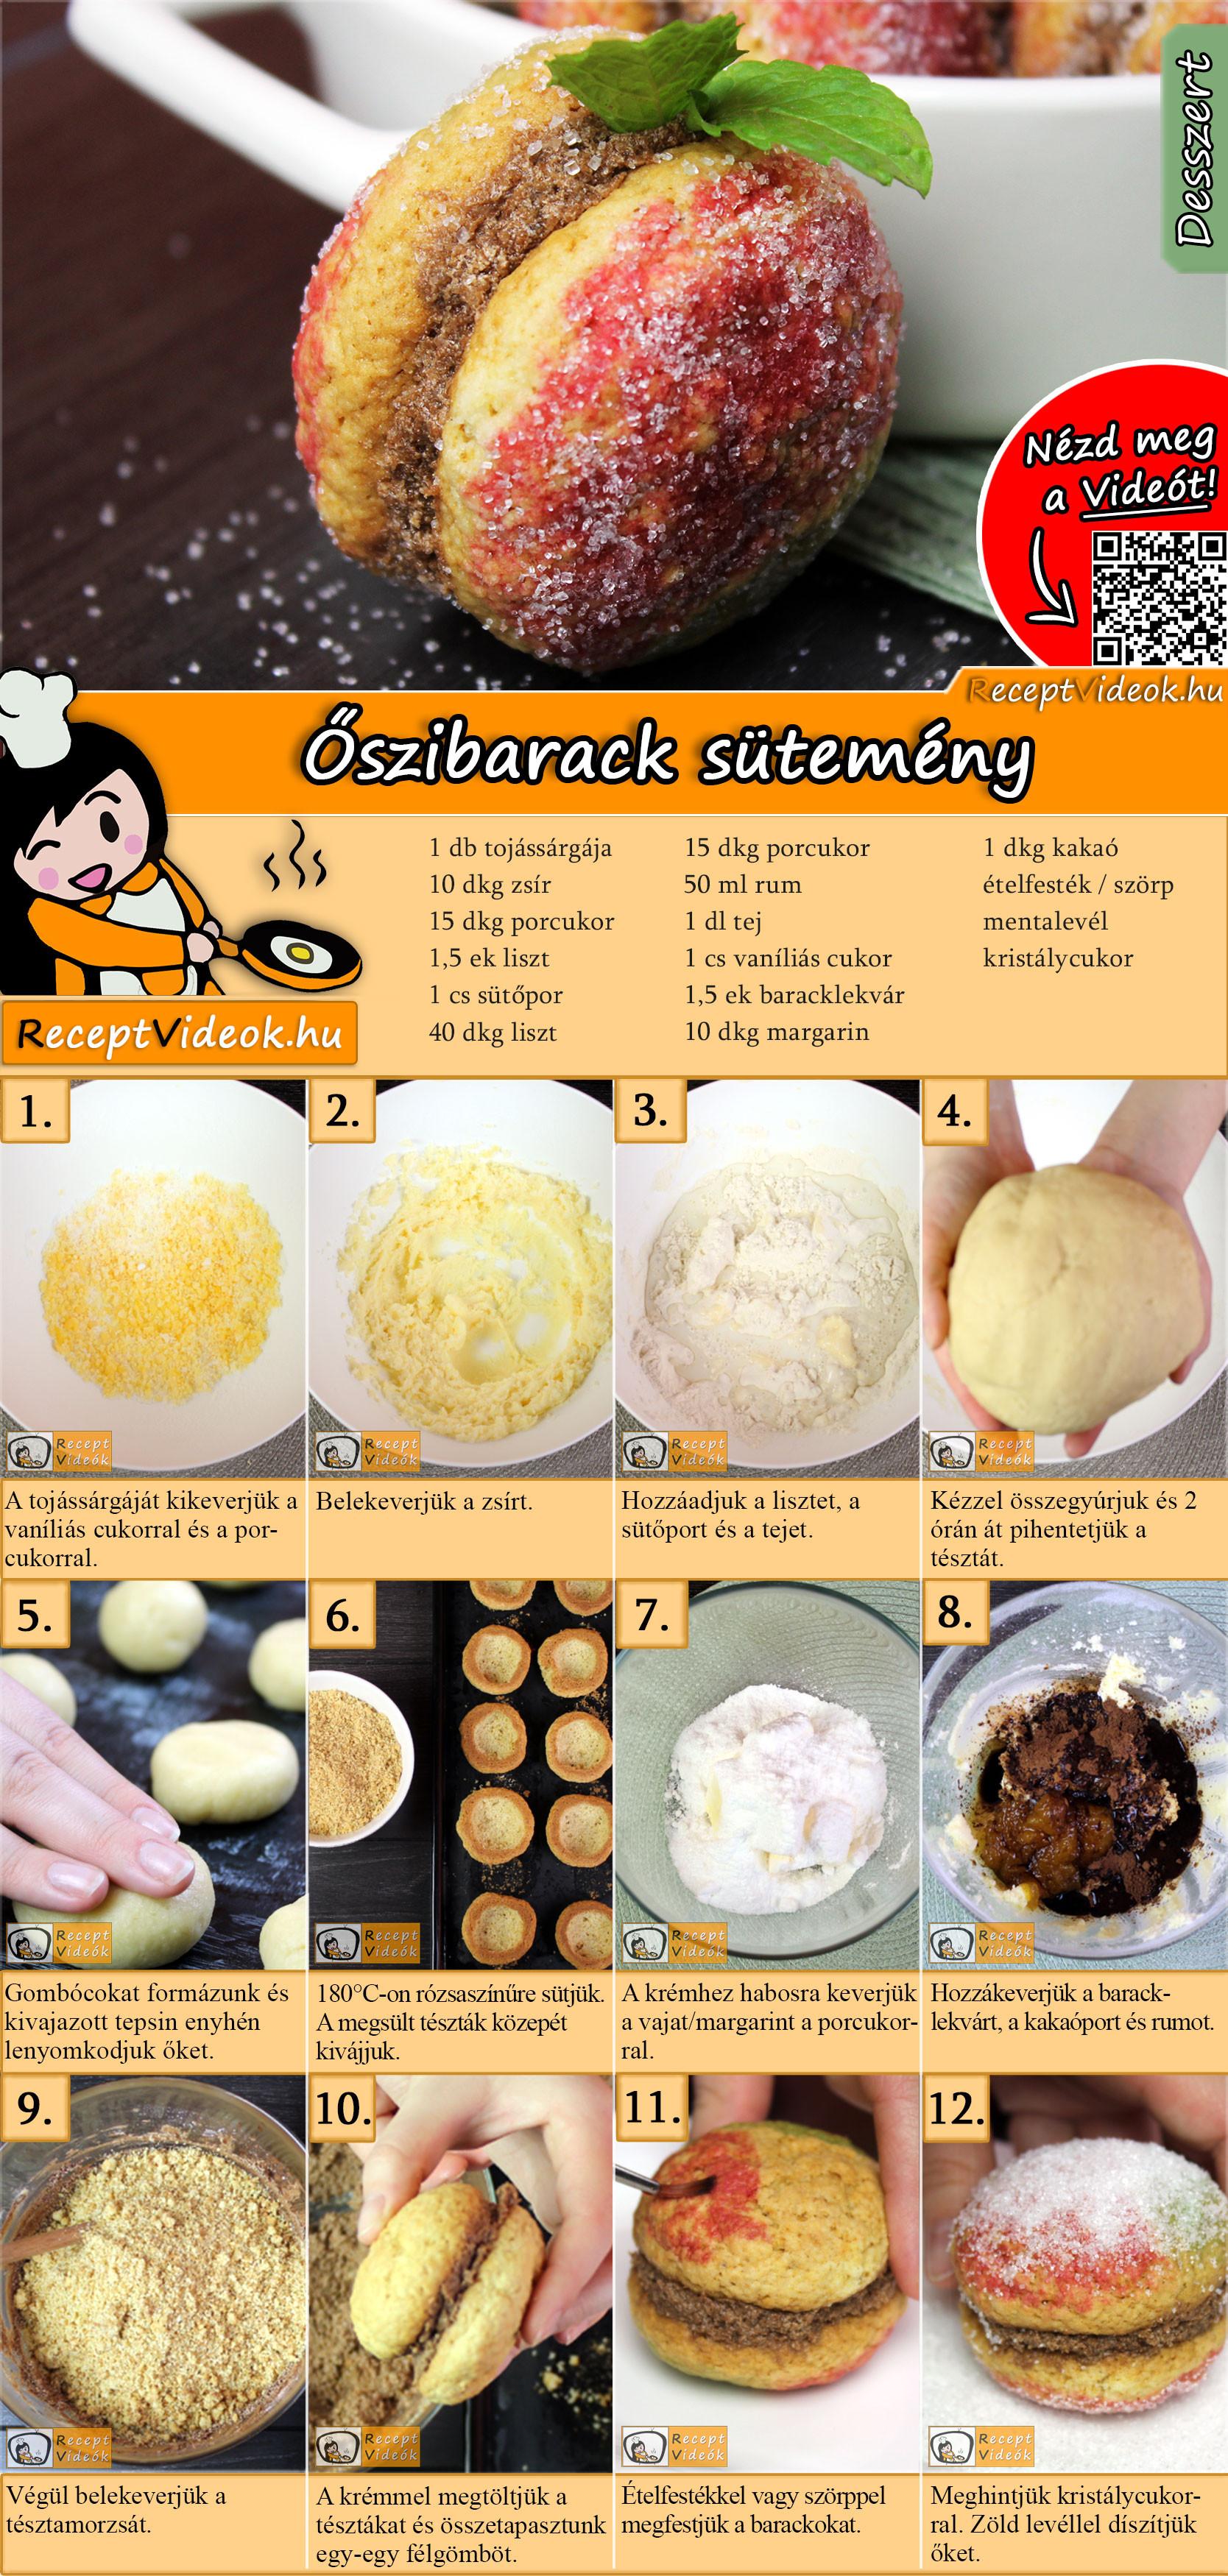 Őszibarack sütemény recept elkészítése videóval